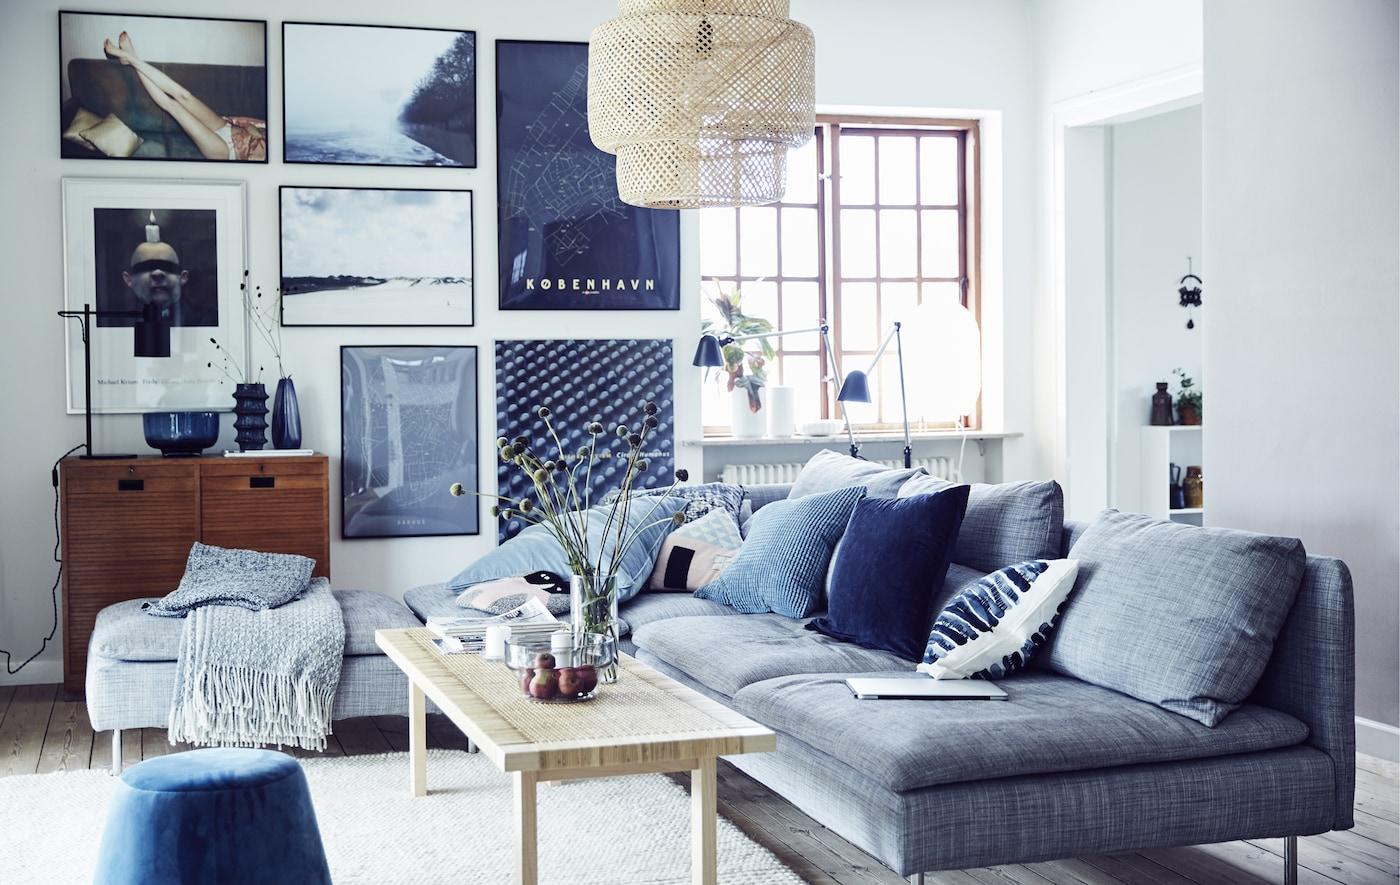 Ein Wohnzimmer in den Farben Blau, Weiß und Grau